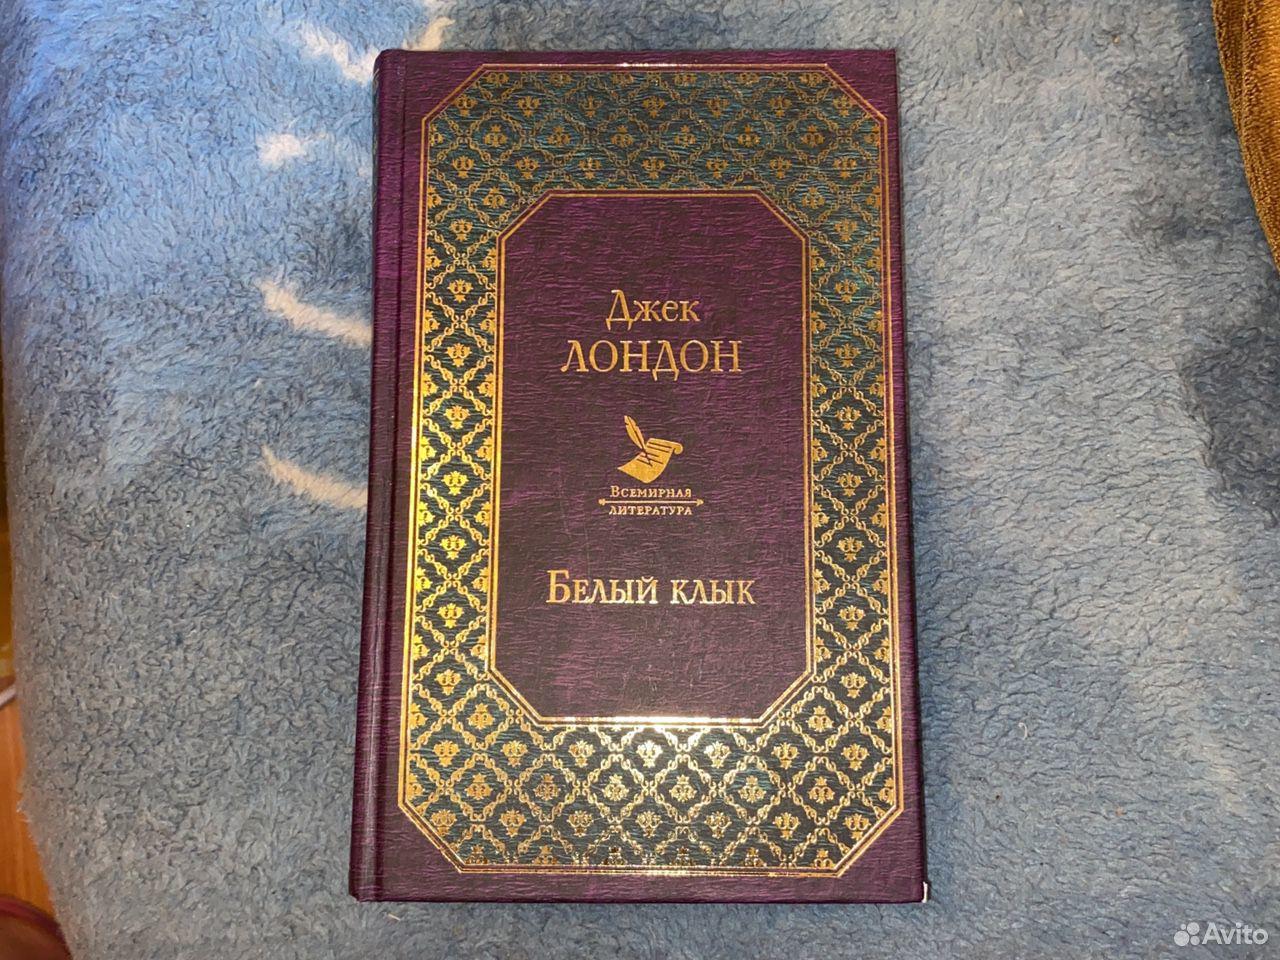 Книга Джек Лондон «Белый клык»  89995591619 купить 1